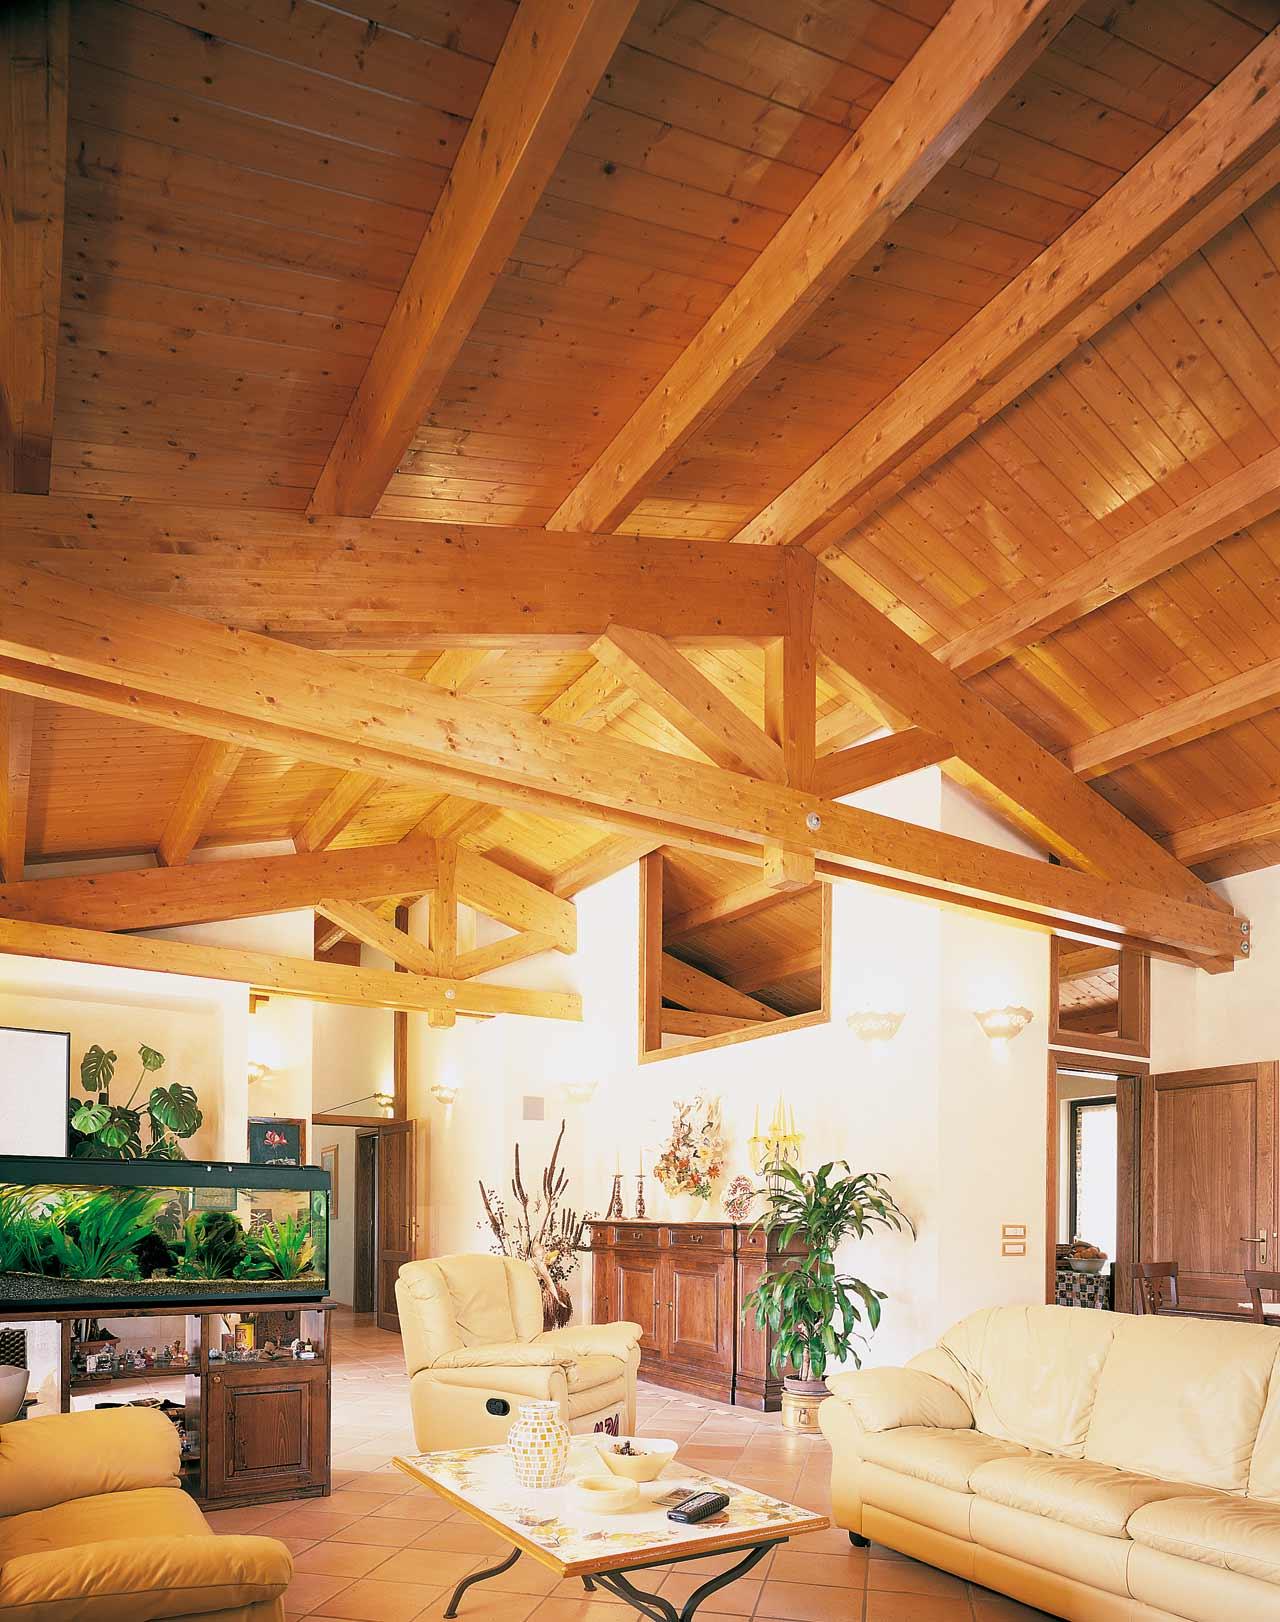 Tetto in legno casa perugia costantini sistema legno - Casa con tetto in legno ...